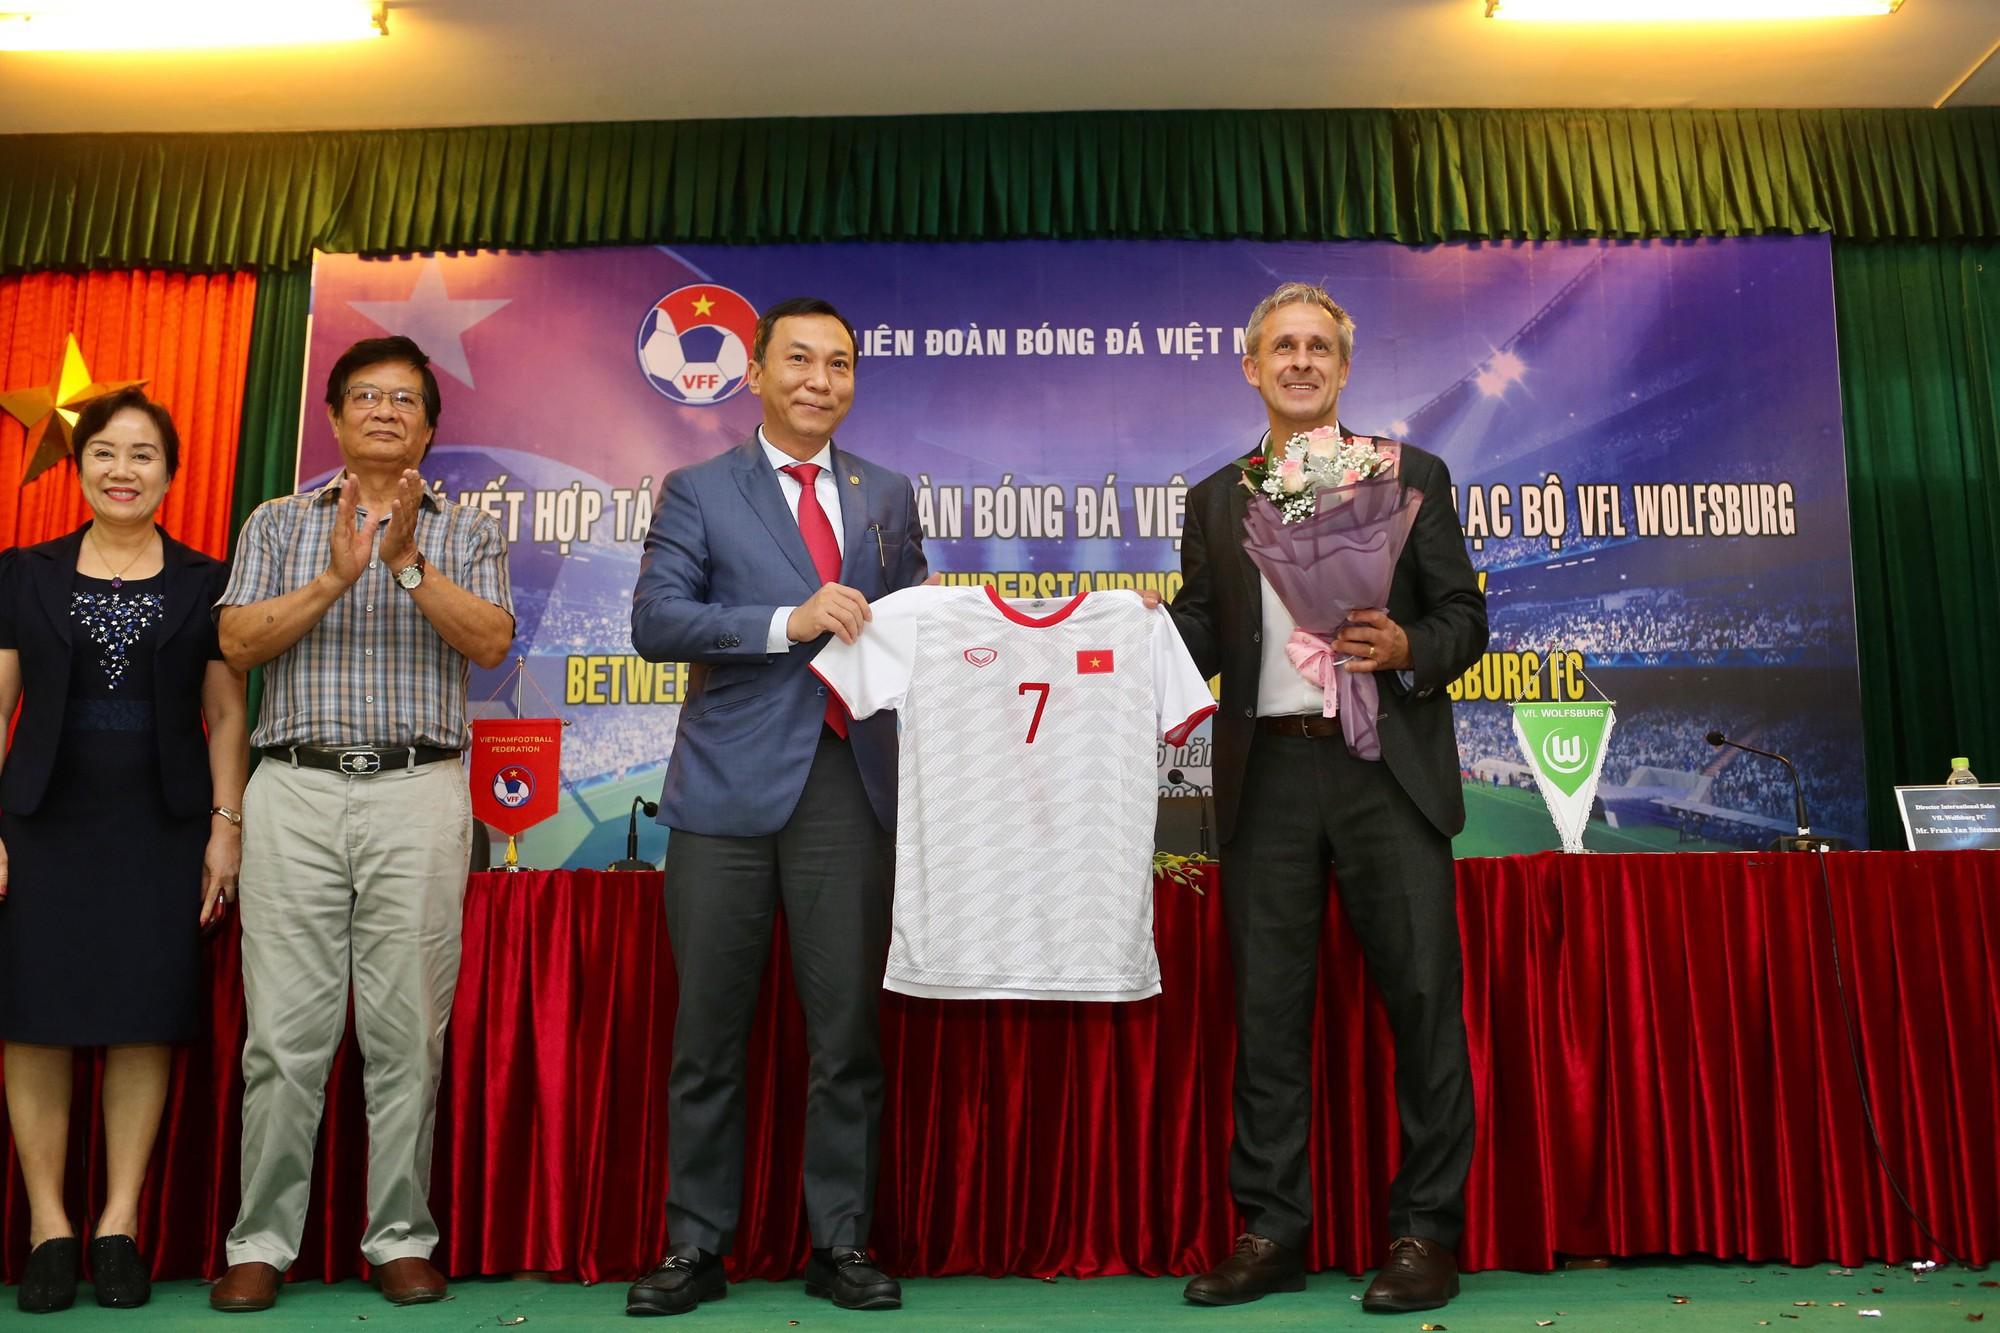 CLB nổi tiếng của Đức giải thích lý do cầu thủ trẻ Việt Nam chưa thể sang Đức thi đấu  - Ảnh 3.